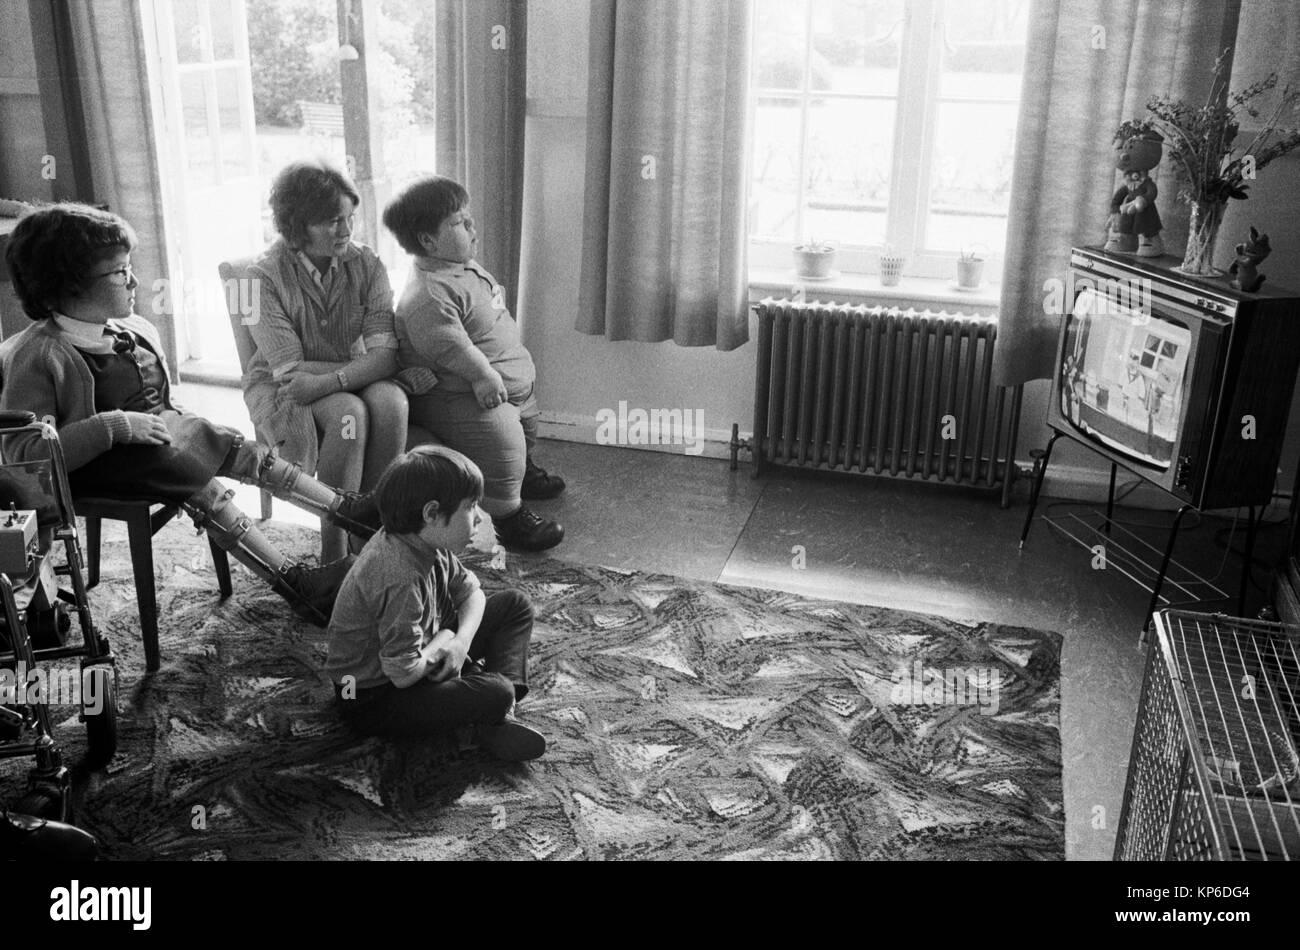 National Children's Home 1970 uk inglaterra niños viendo la TV 70s Bretaña HOMER SYKES Imagen De Stock